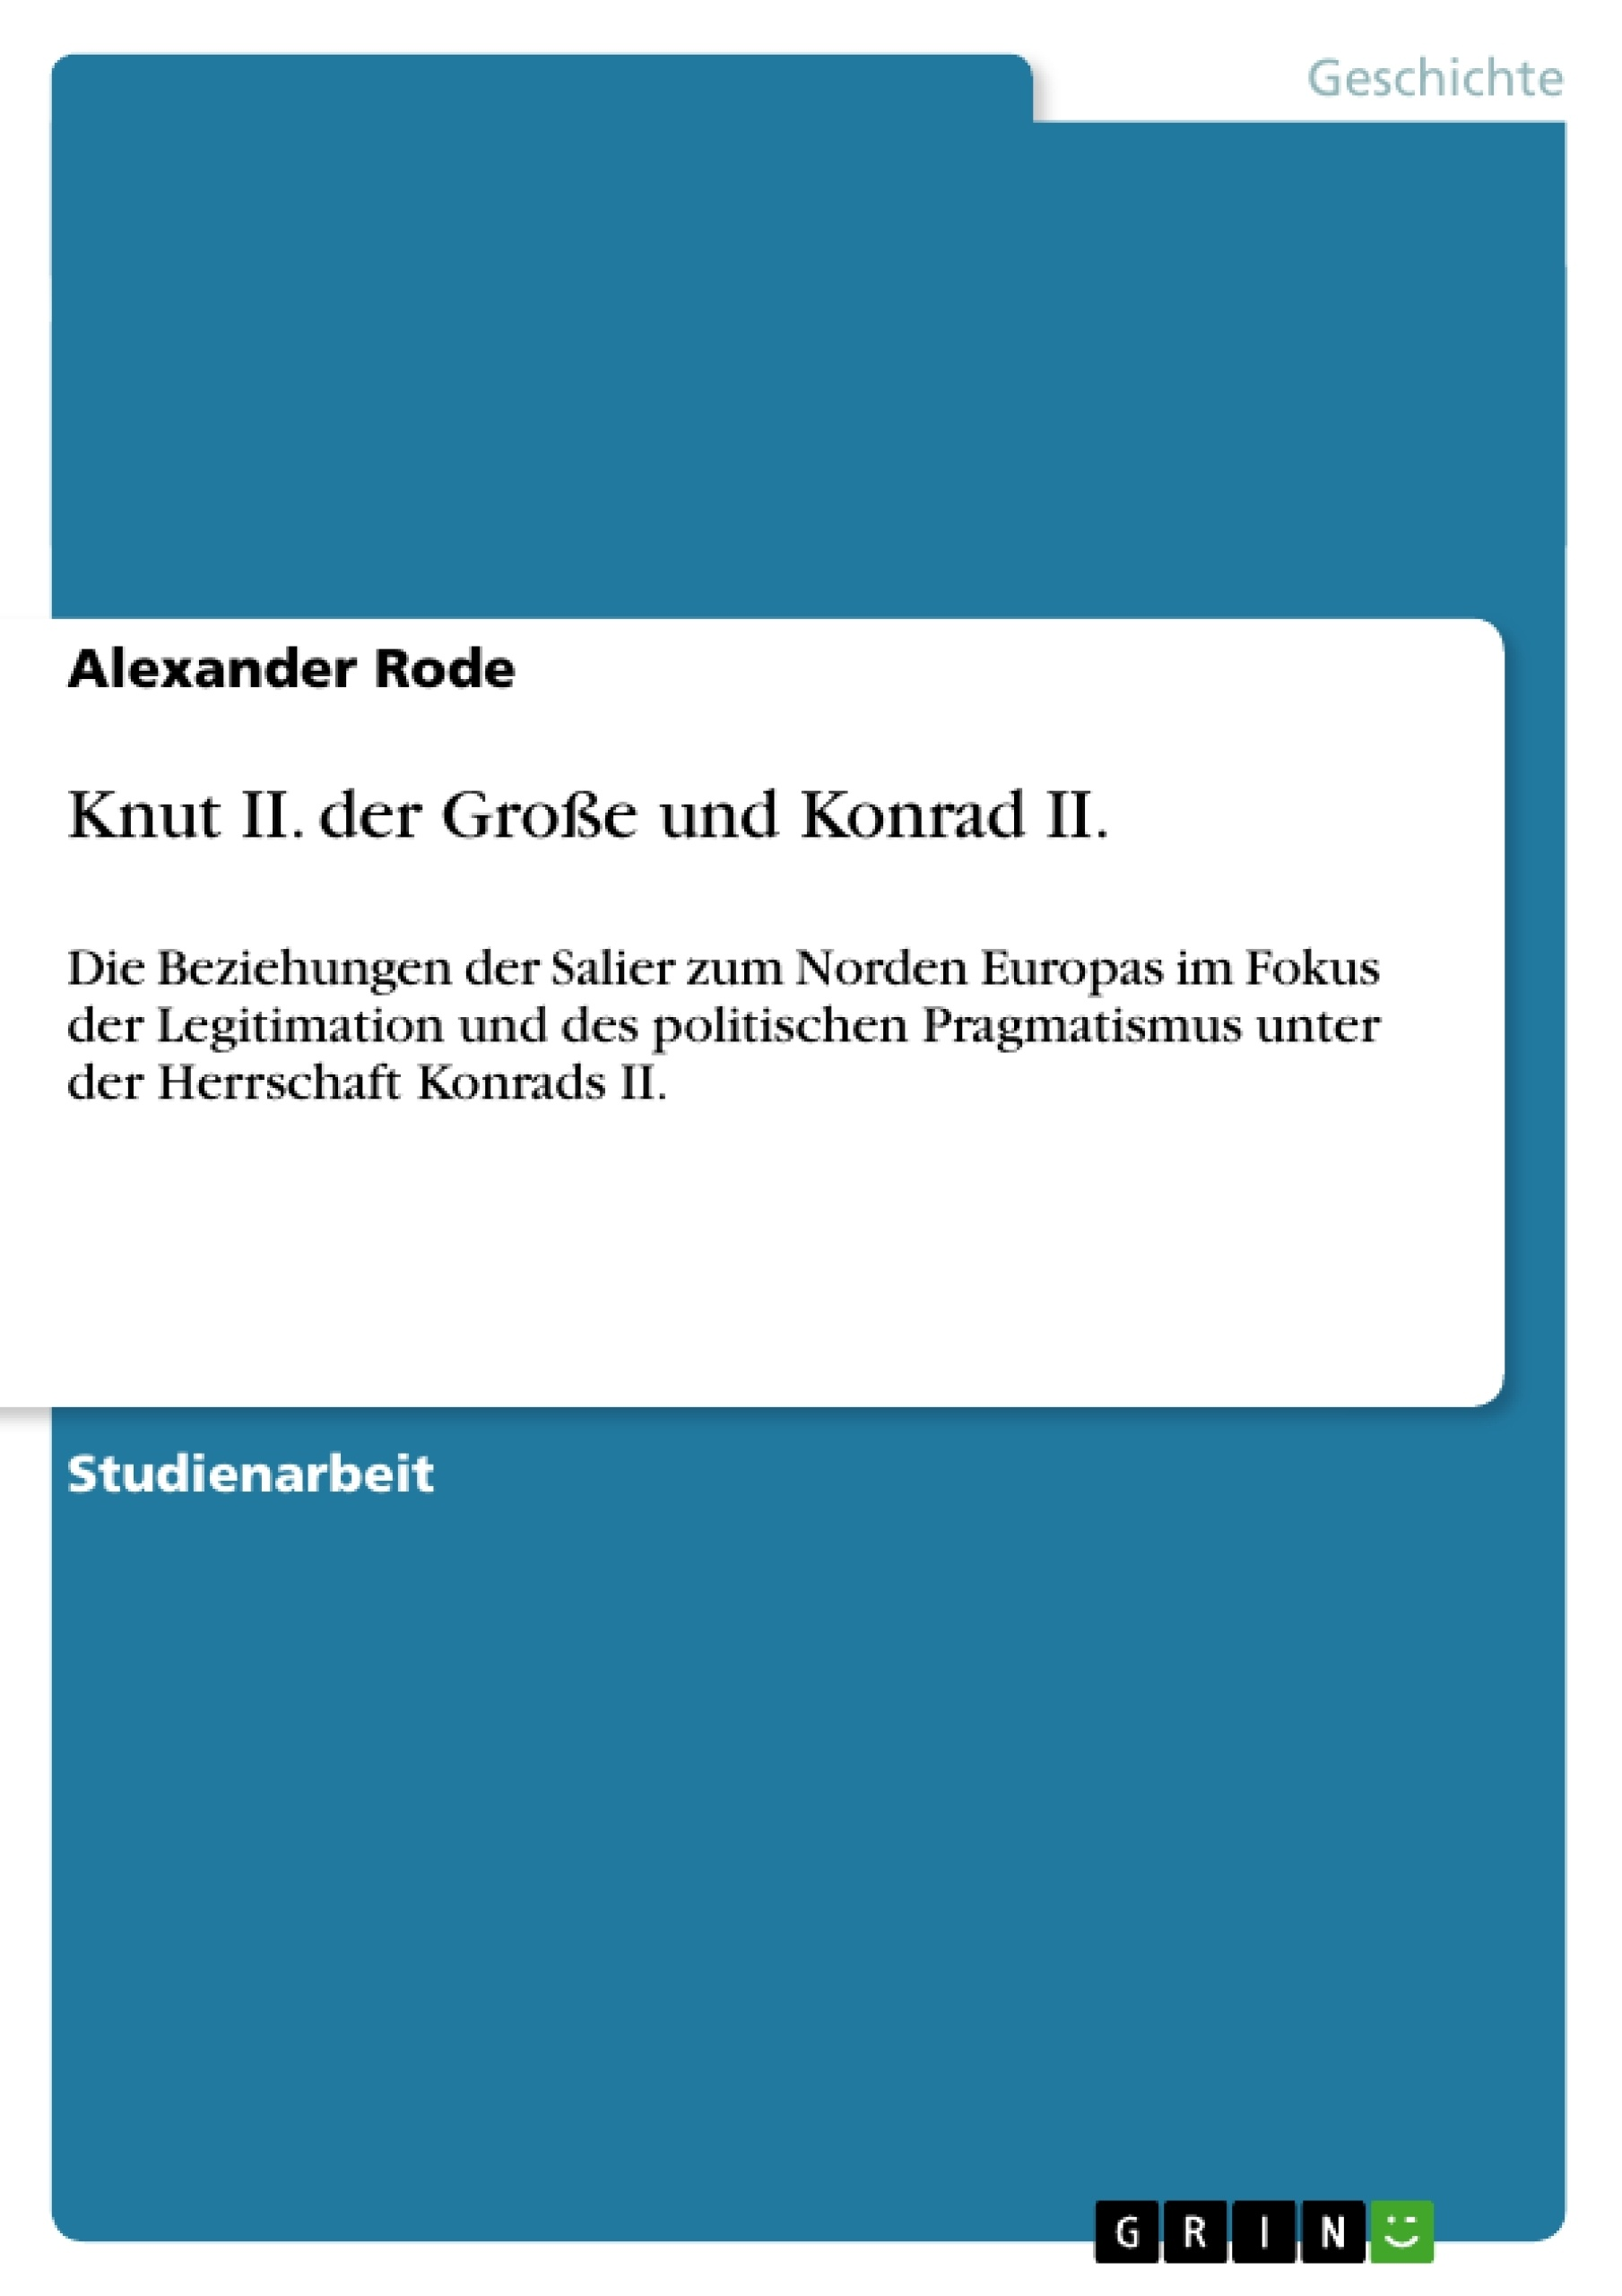 Titel: Knut II. der Große und Konrad II.